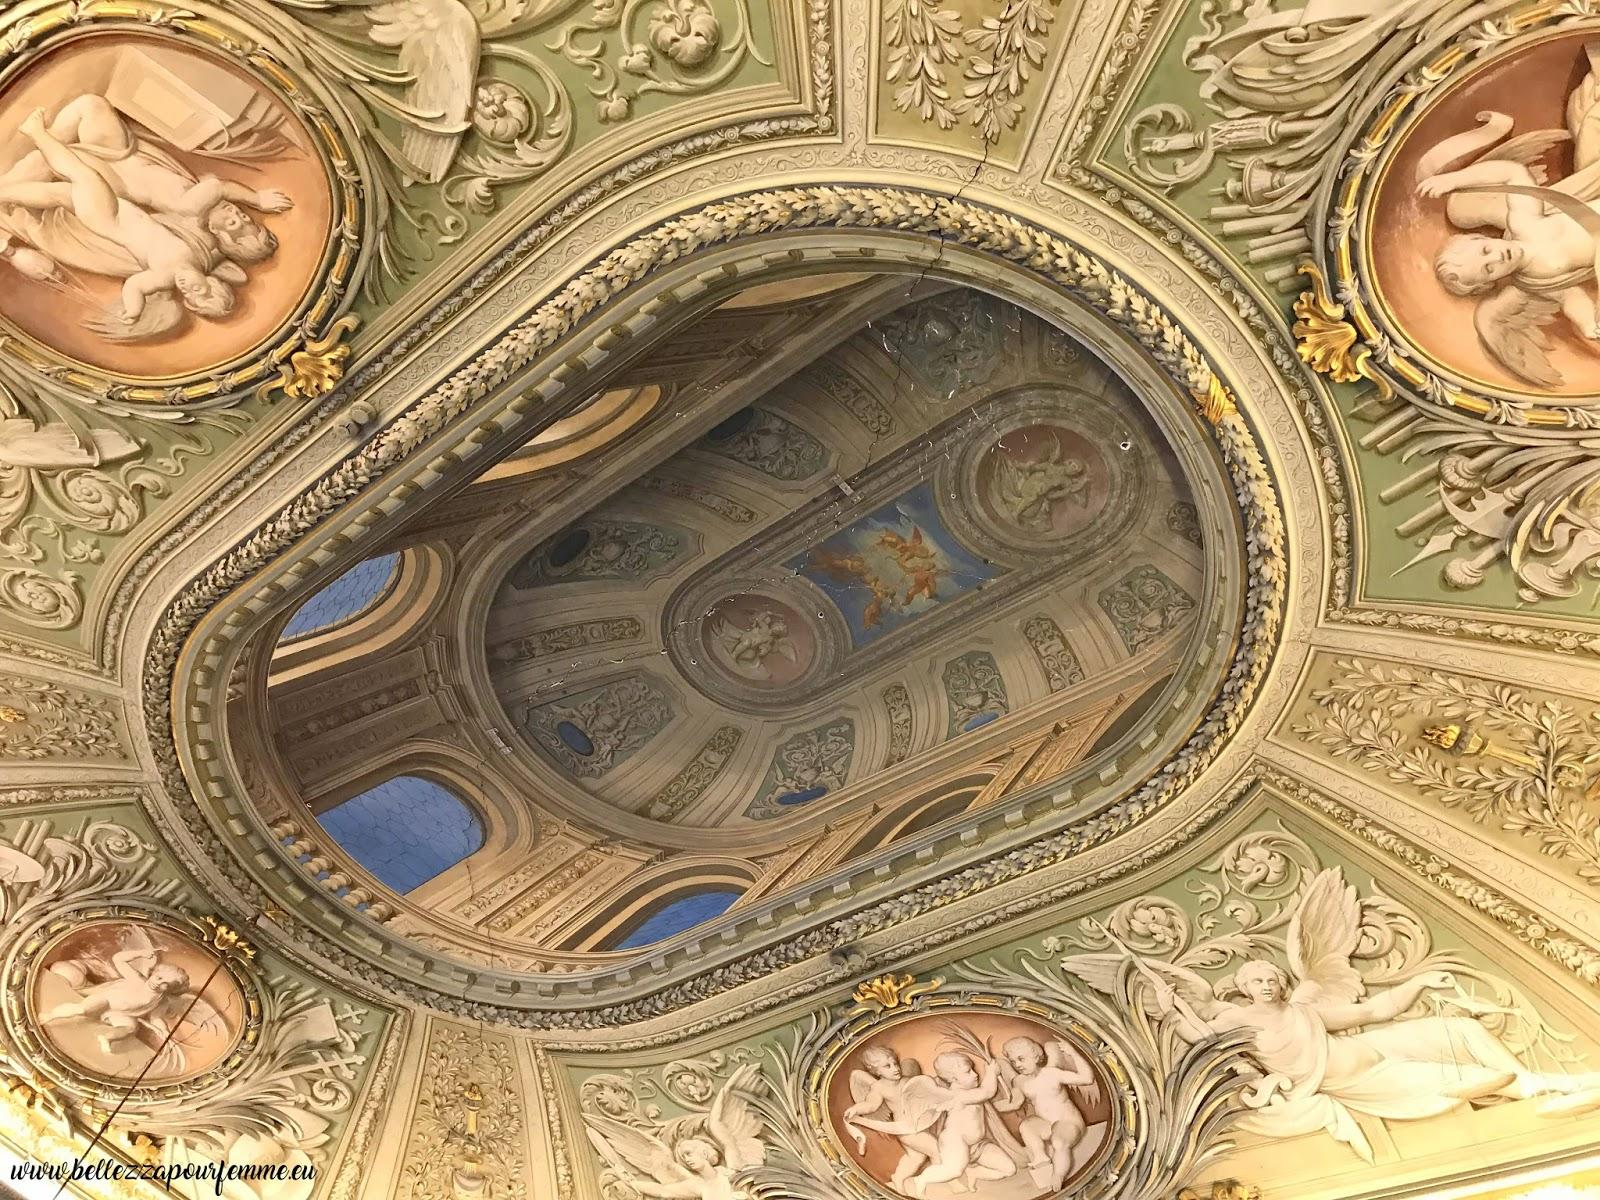 particolare soffitto - Roma Palazzo Doria Pamphilj